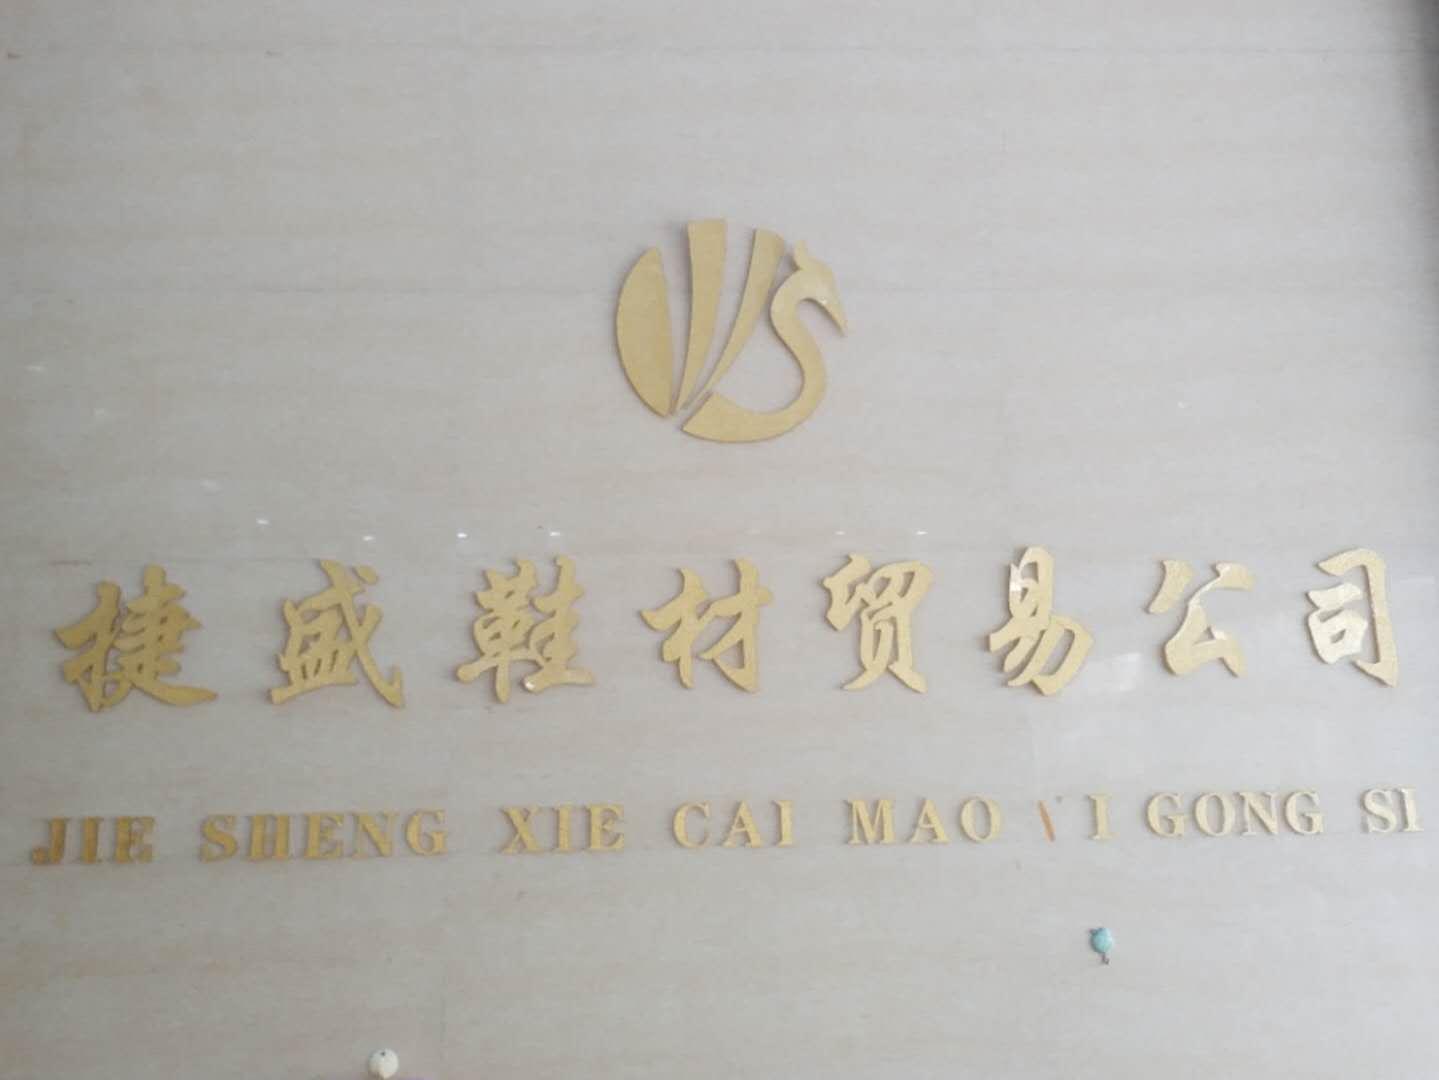 惠州市捷盛鞋材实业有限公司